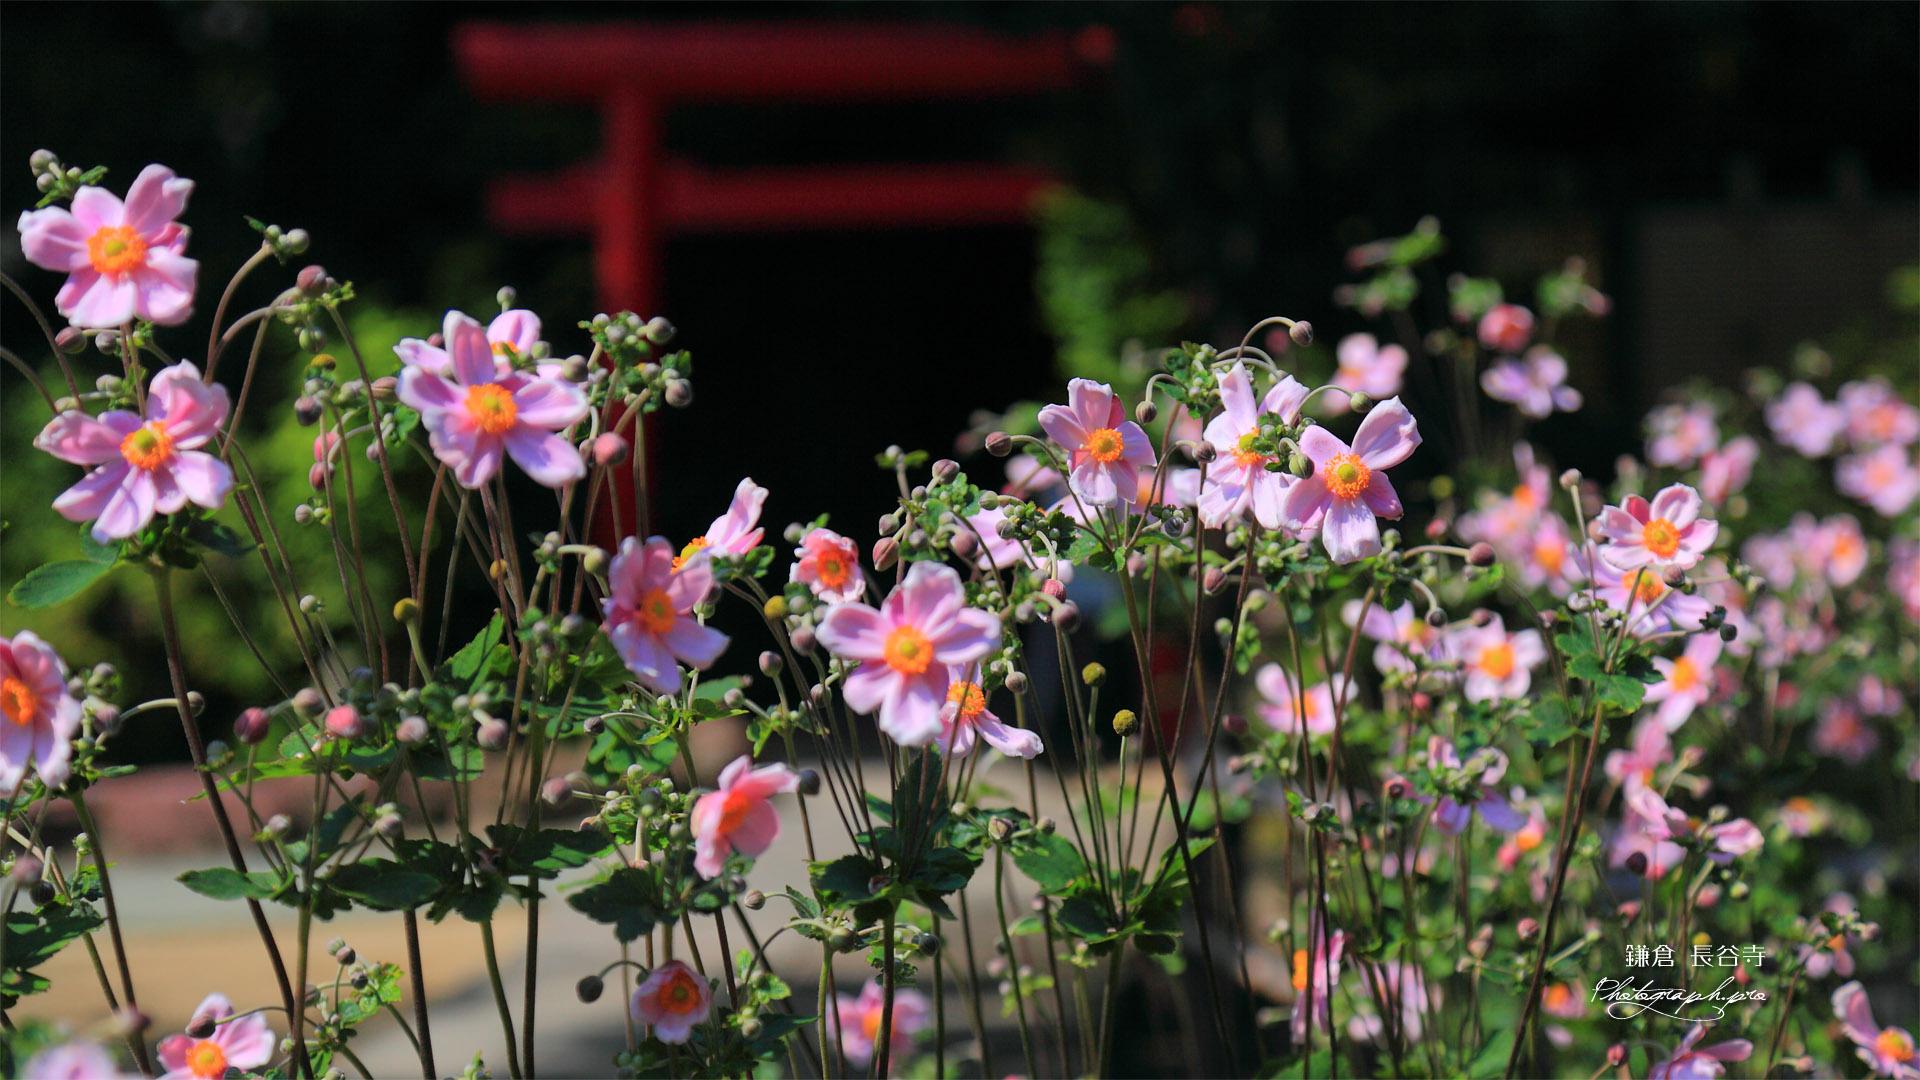 鎌倉長谷寺のシュウメイギク